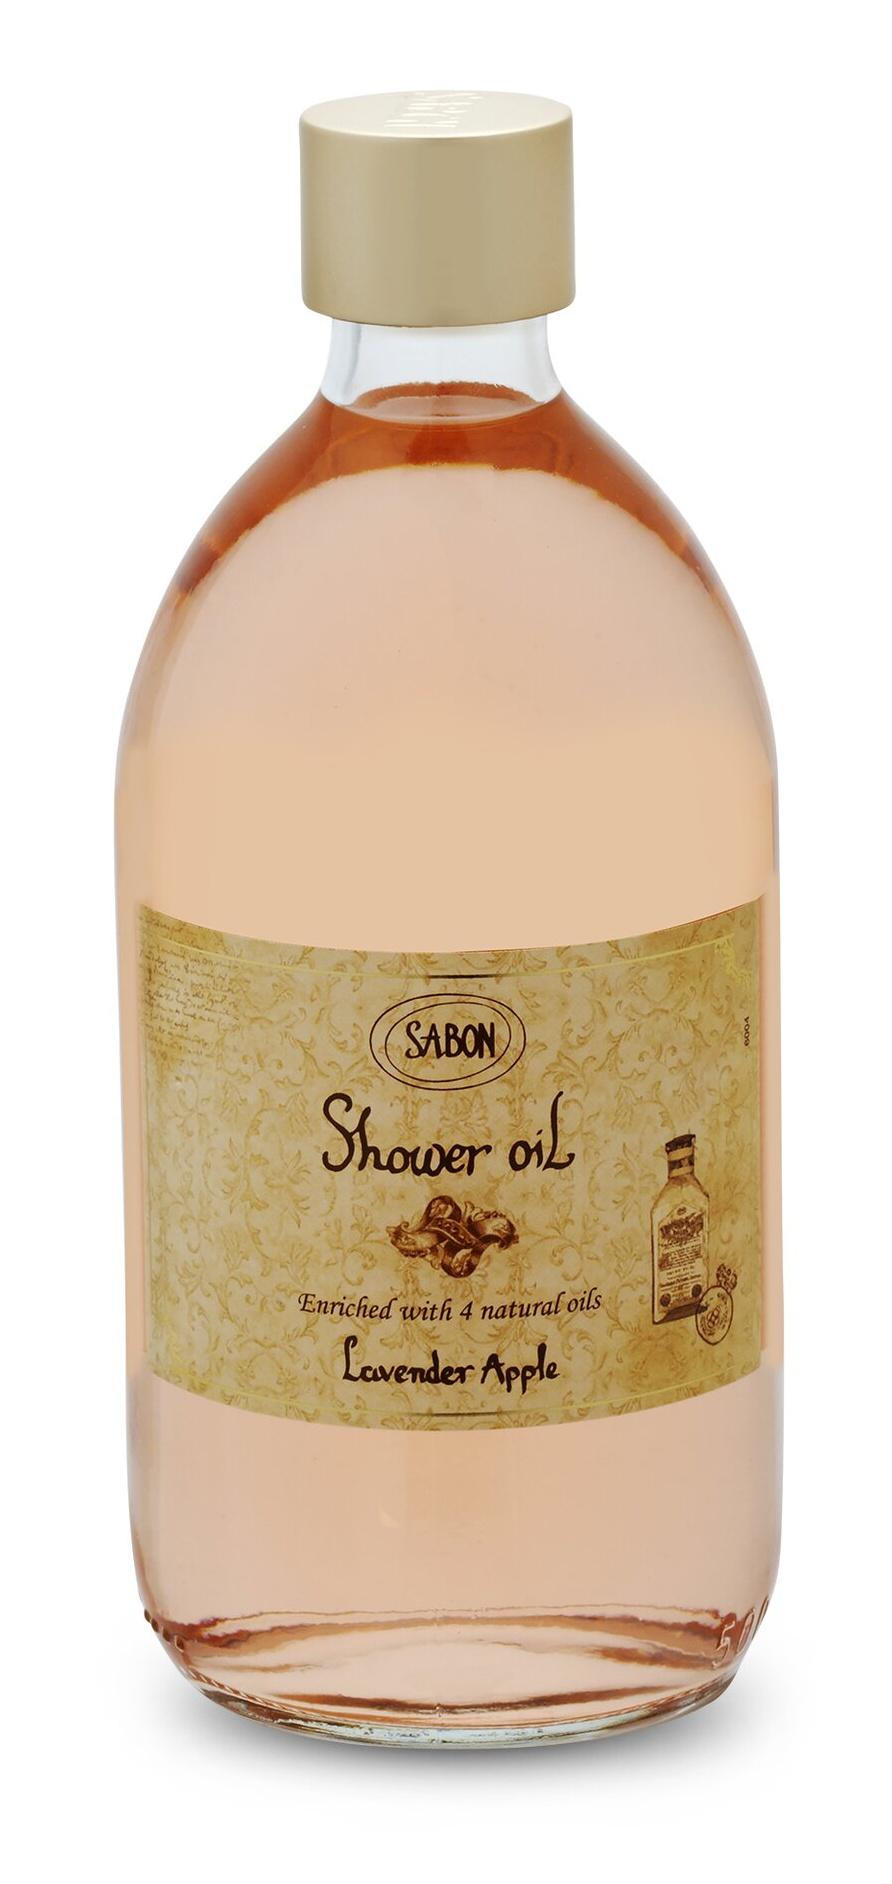 Sabon Shower Oil- Lavender Apple